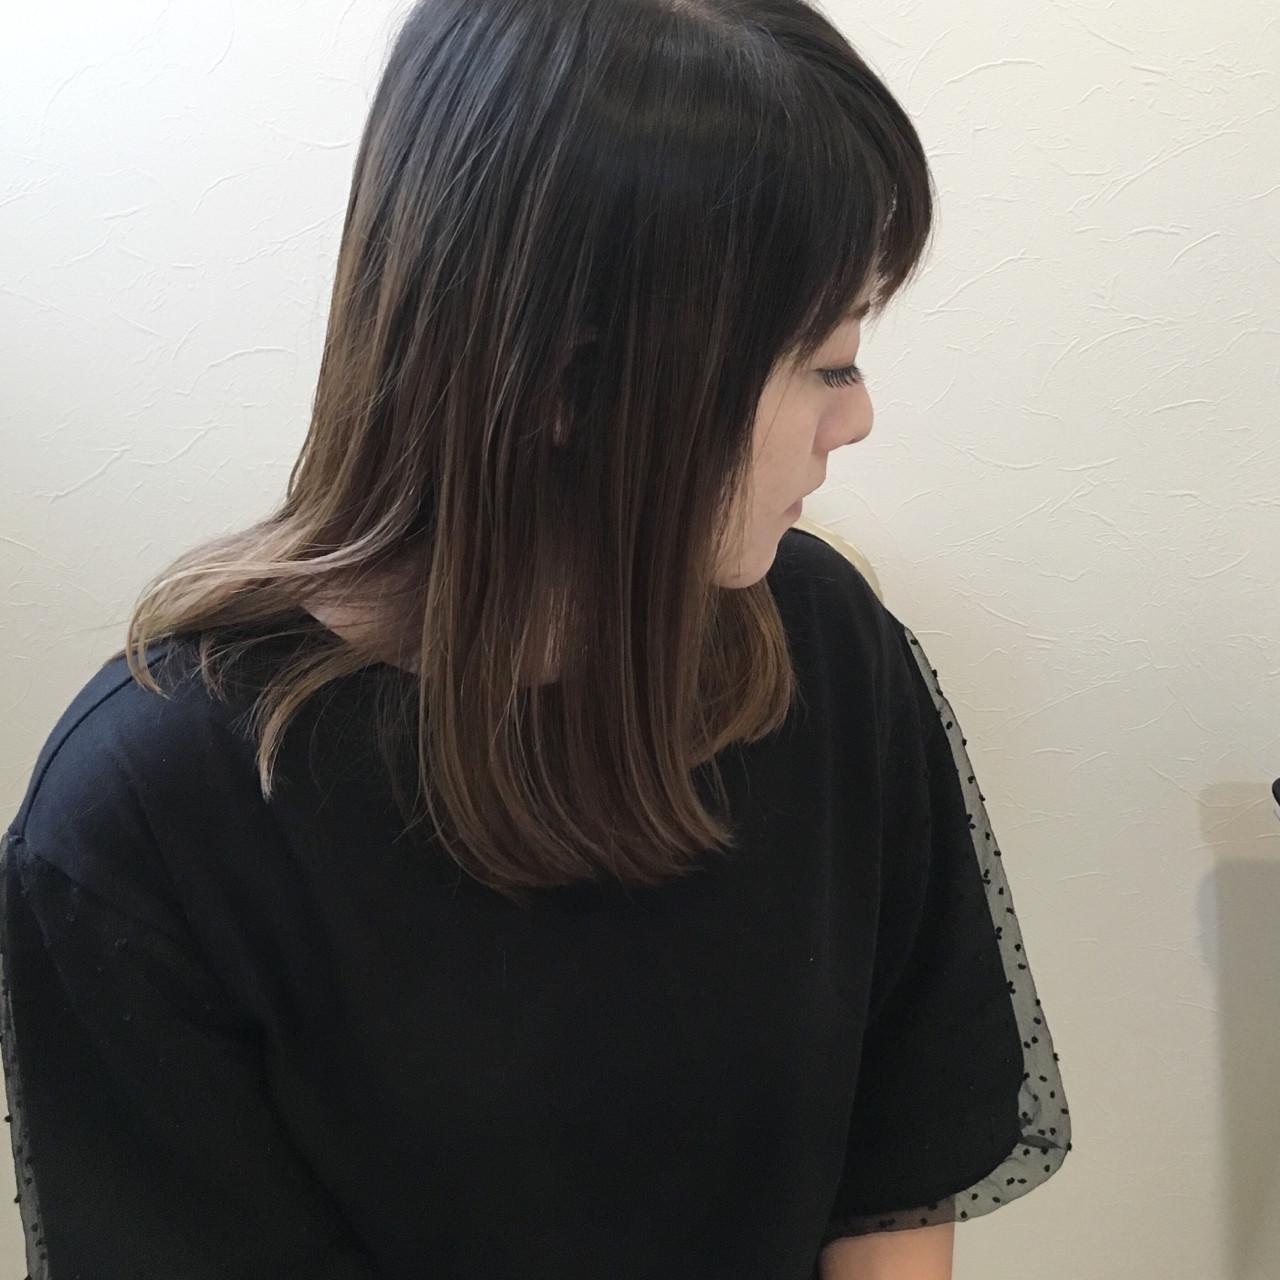 ブリーチなしでも!黒髪ベースなら抜け感抜群 原田あゆみ